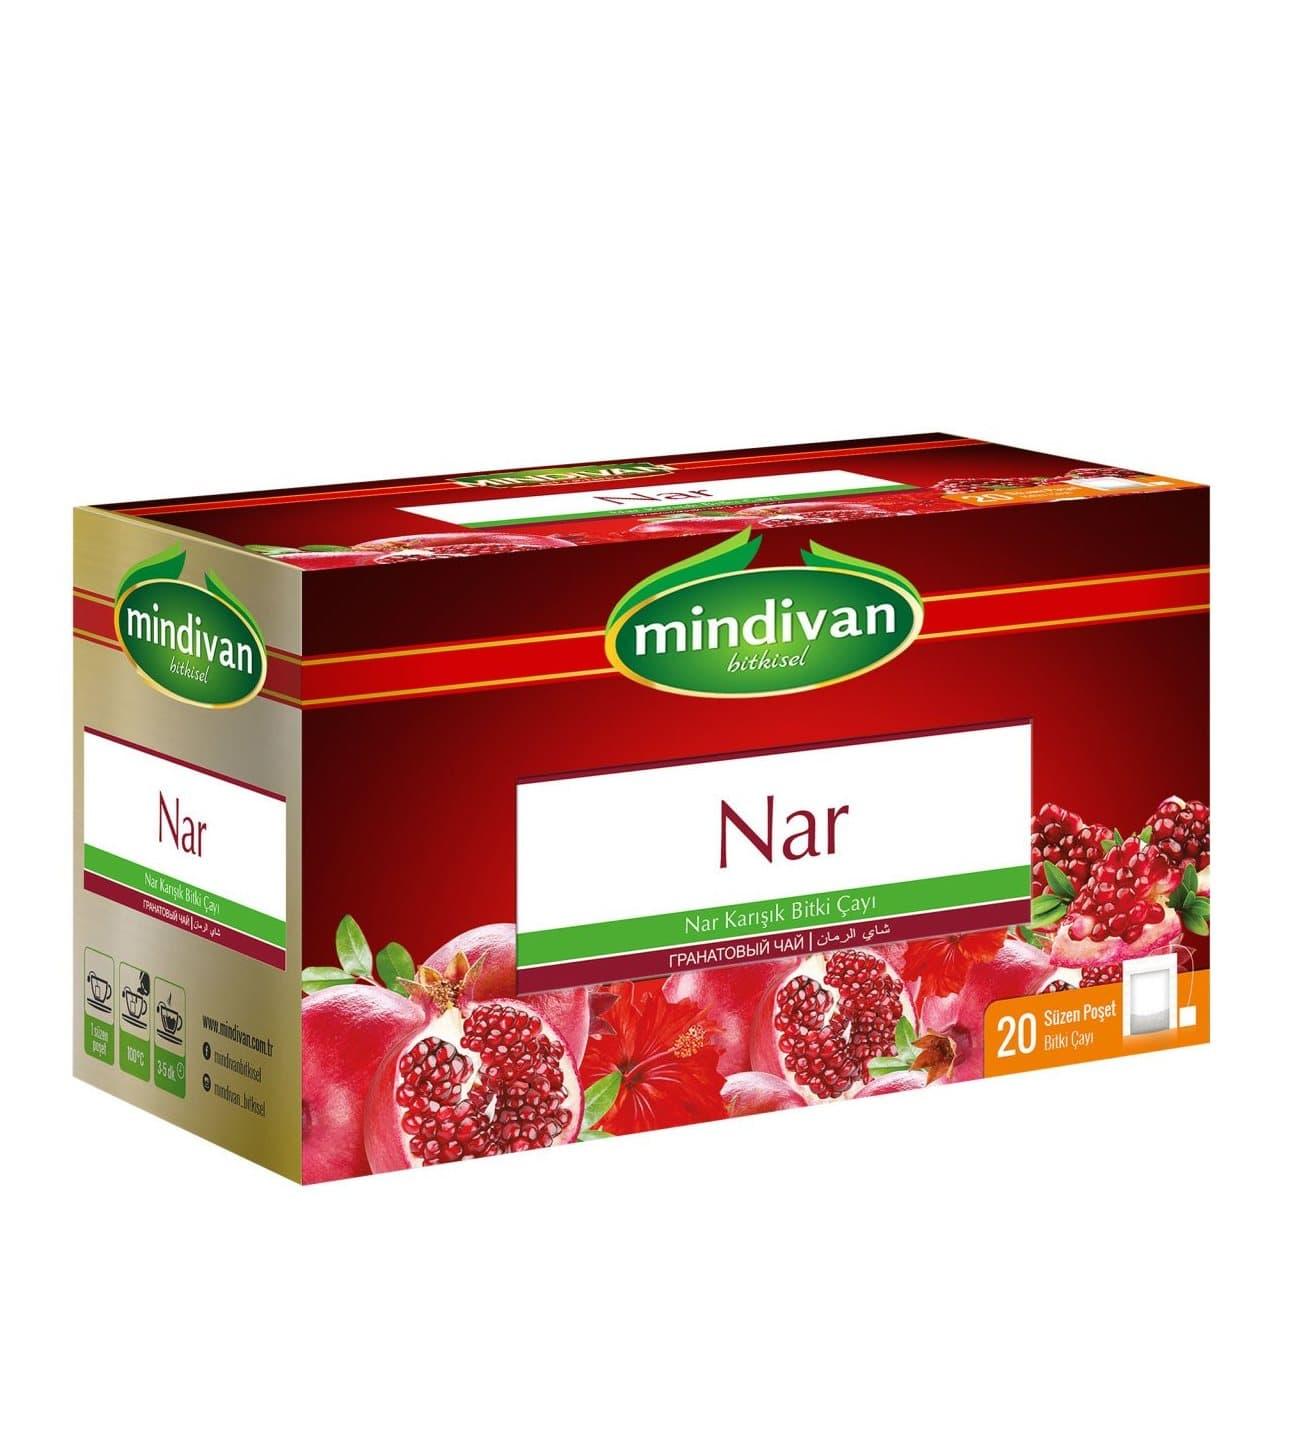 Mindivan Nar Çayı 20'li ürünü